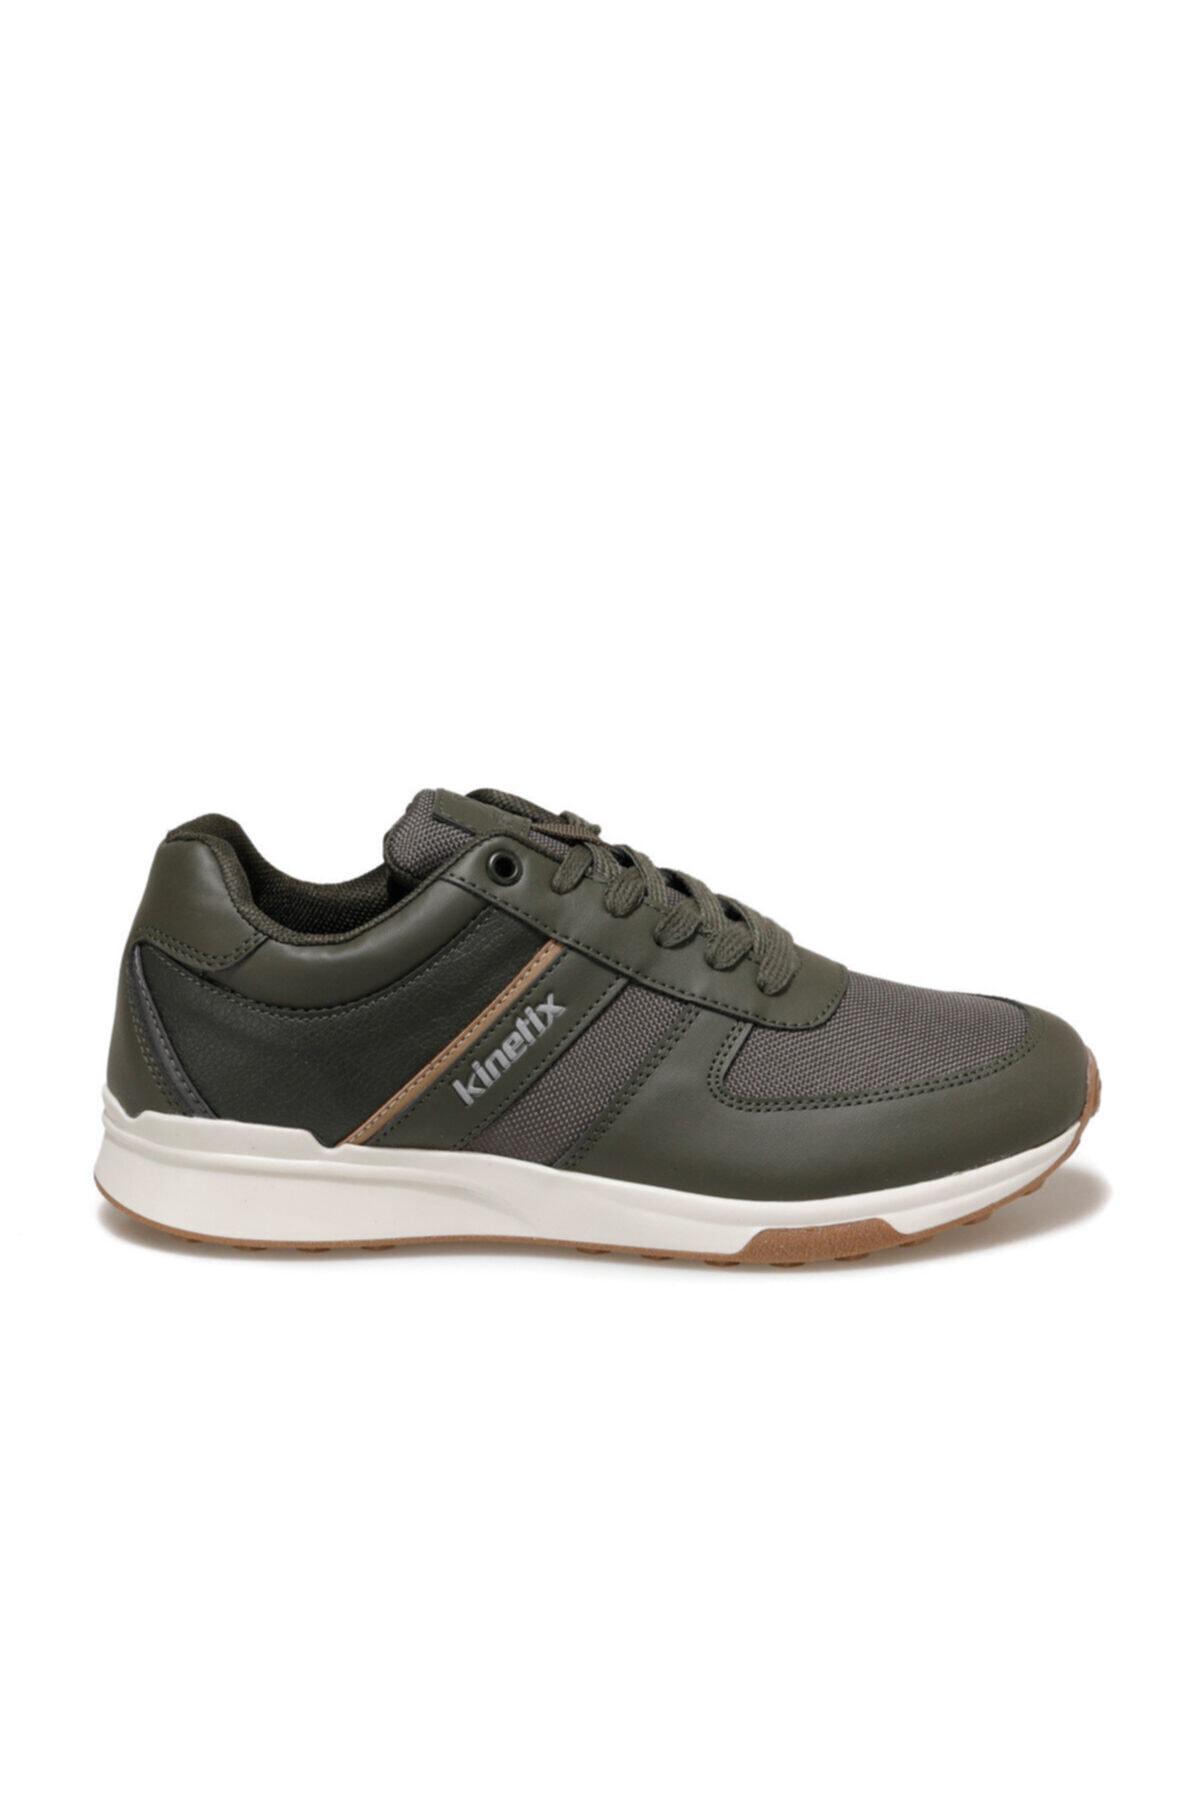 Kinetix MULTIMI Haki Erkek Sneaker Ayakkabı 100557707 2